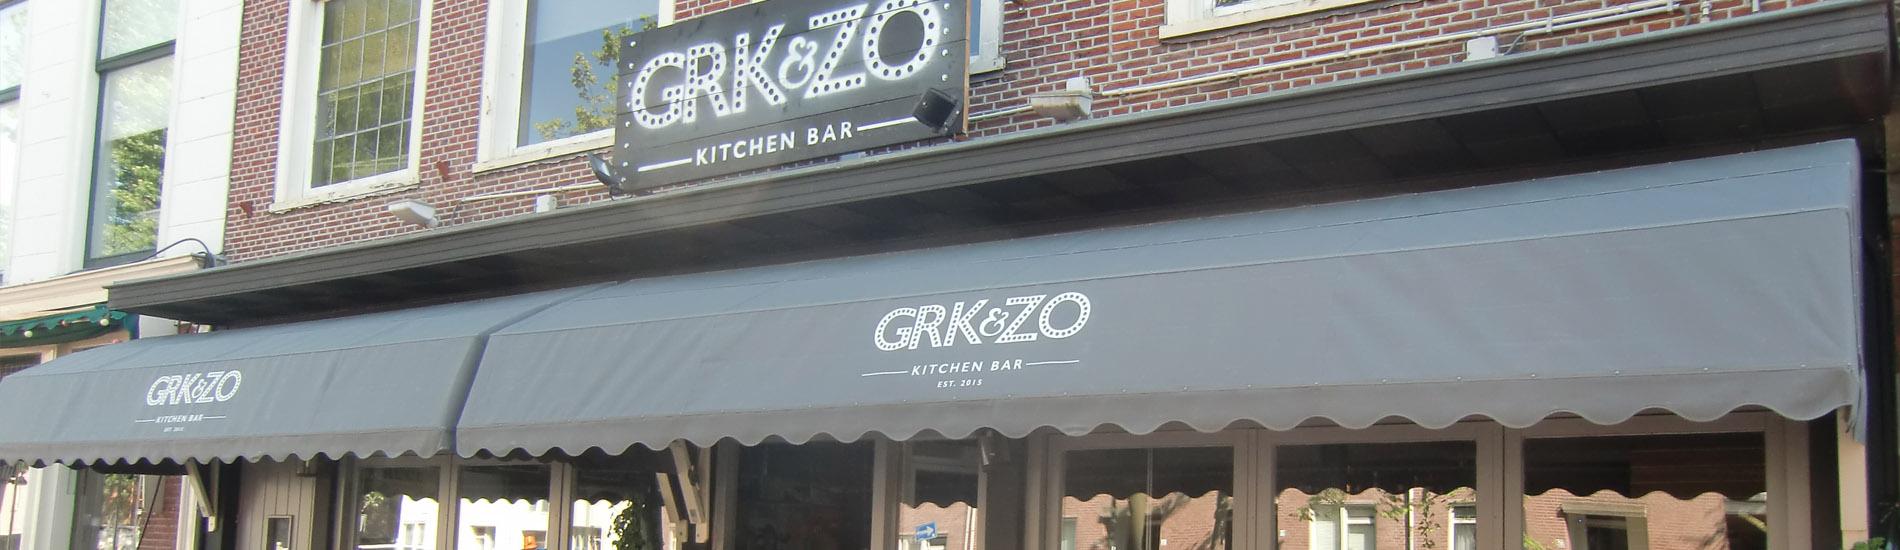 grk-en-zo-hip-grieks-restaurant-delft-2-entree